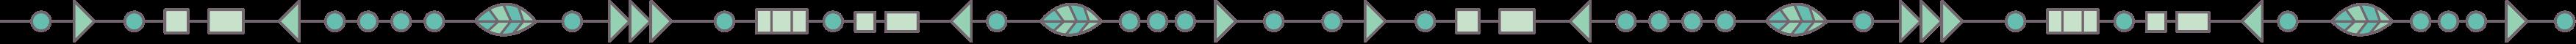 12v空心杯电机,【理工学院】机电一体化技术 (智能机器人)